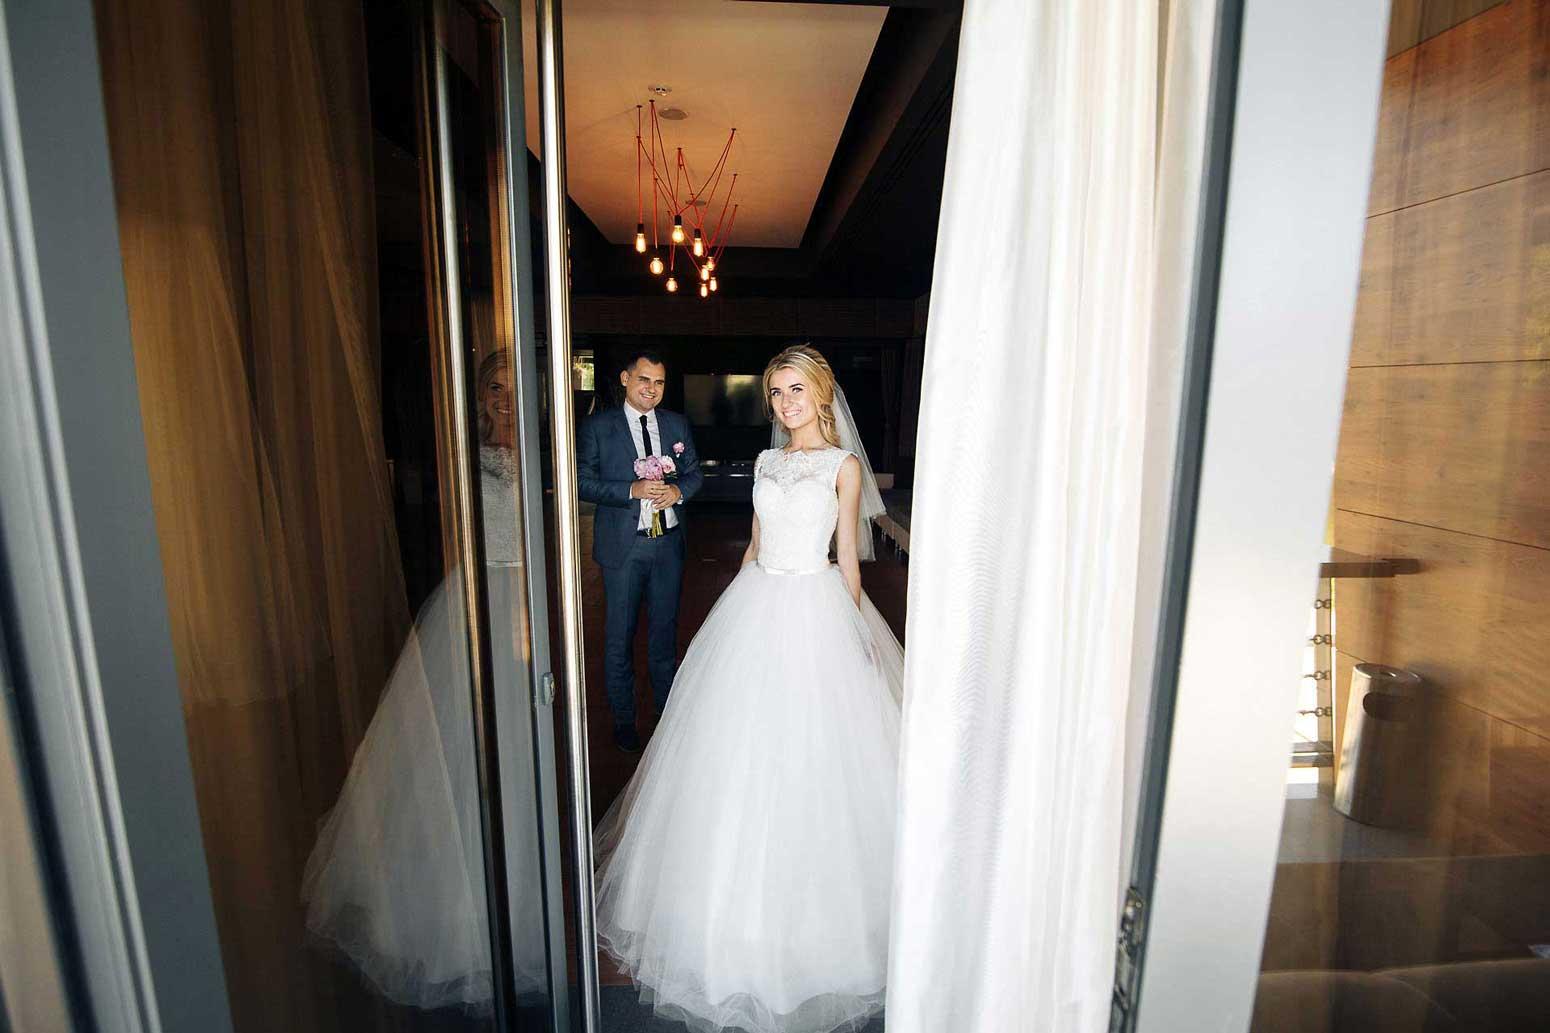 VE3yXUfUYfc - Денежные конкурсы на свадьбе: пять причин отказаться от них